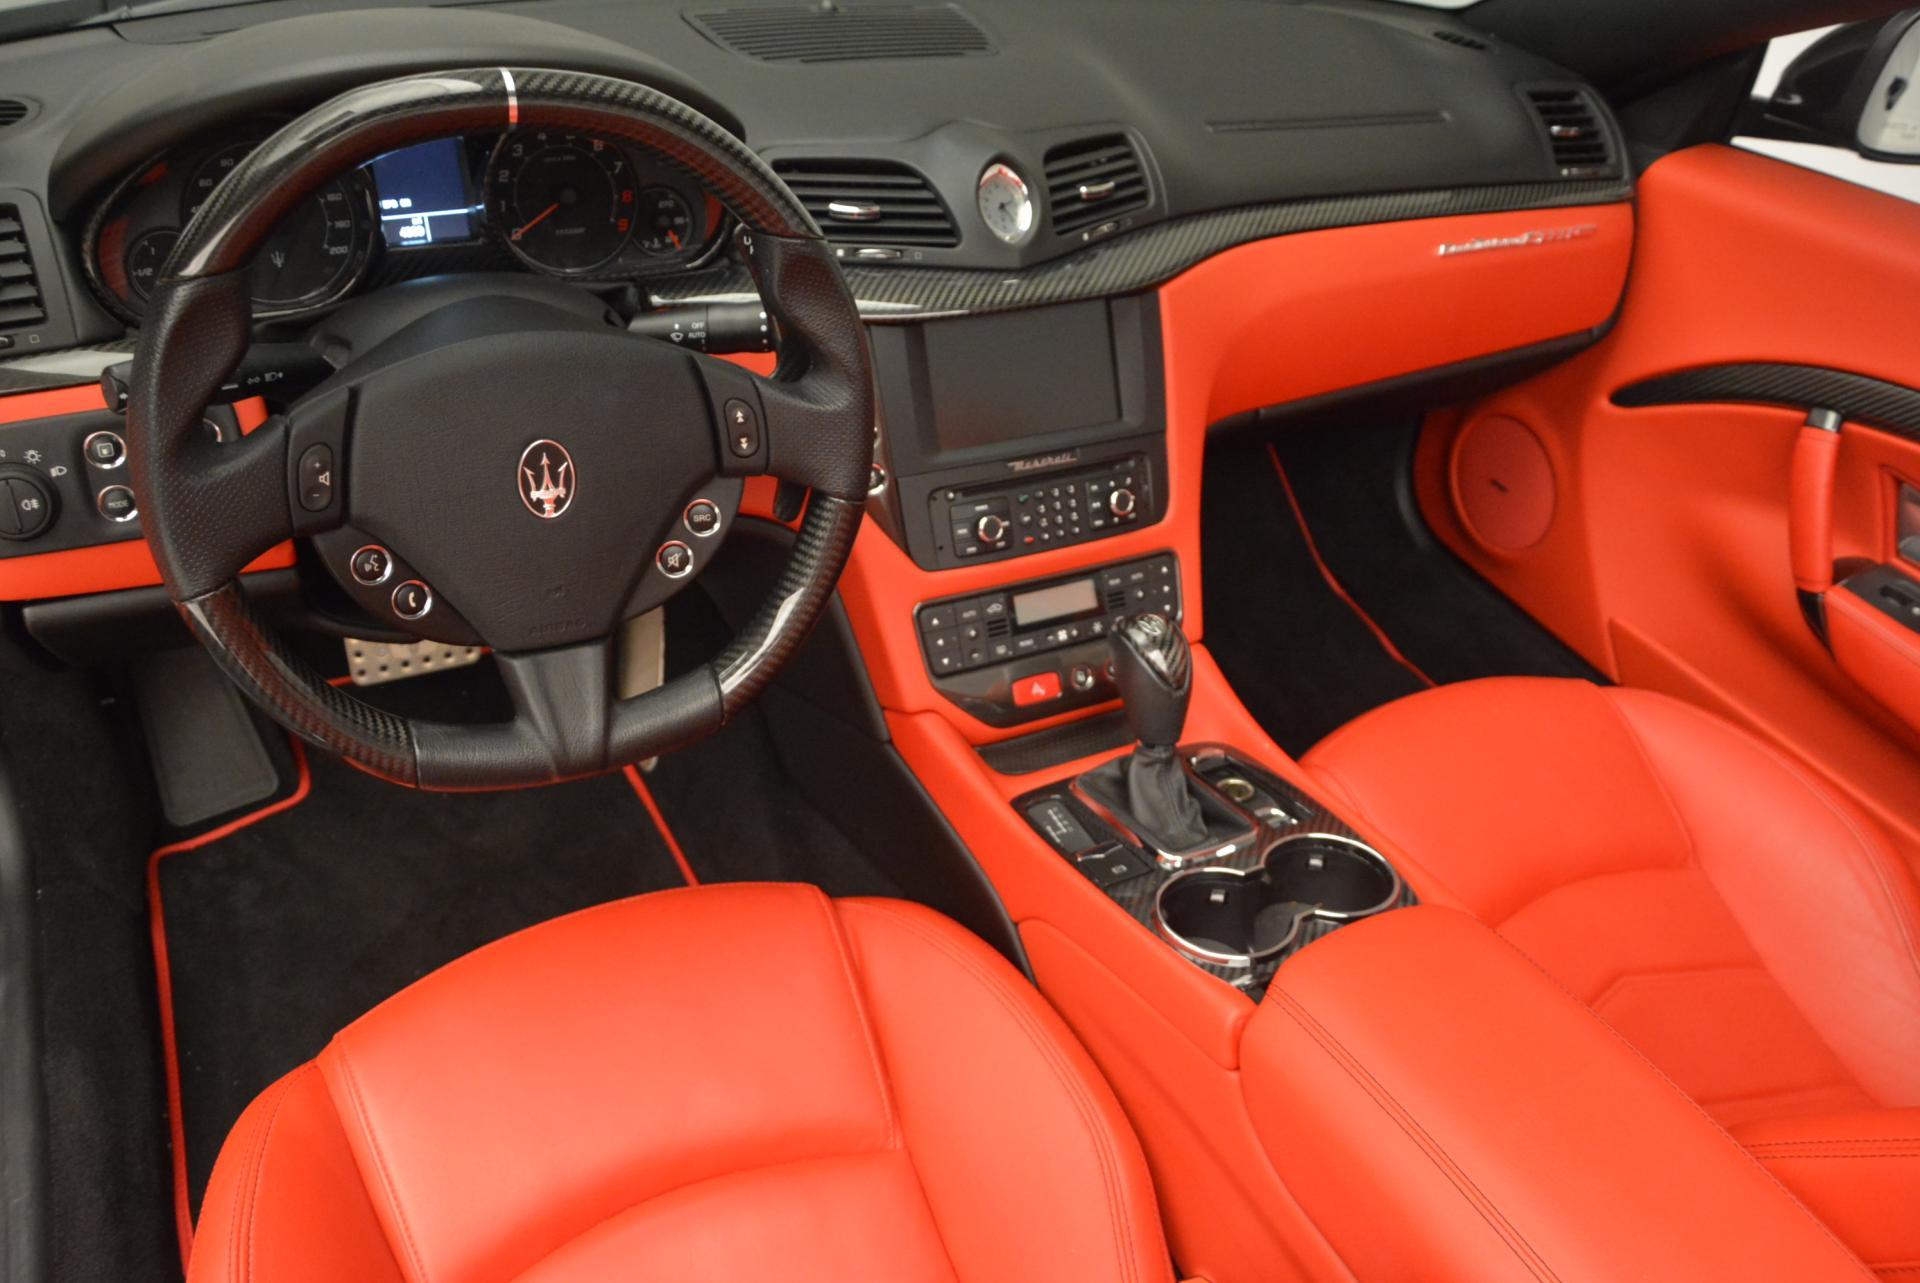 Used 2013 Maserati GranTurismo MC For Sale In Greenwich, CT 521_p22